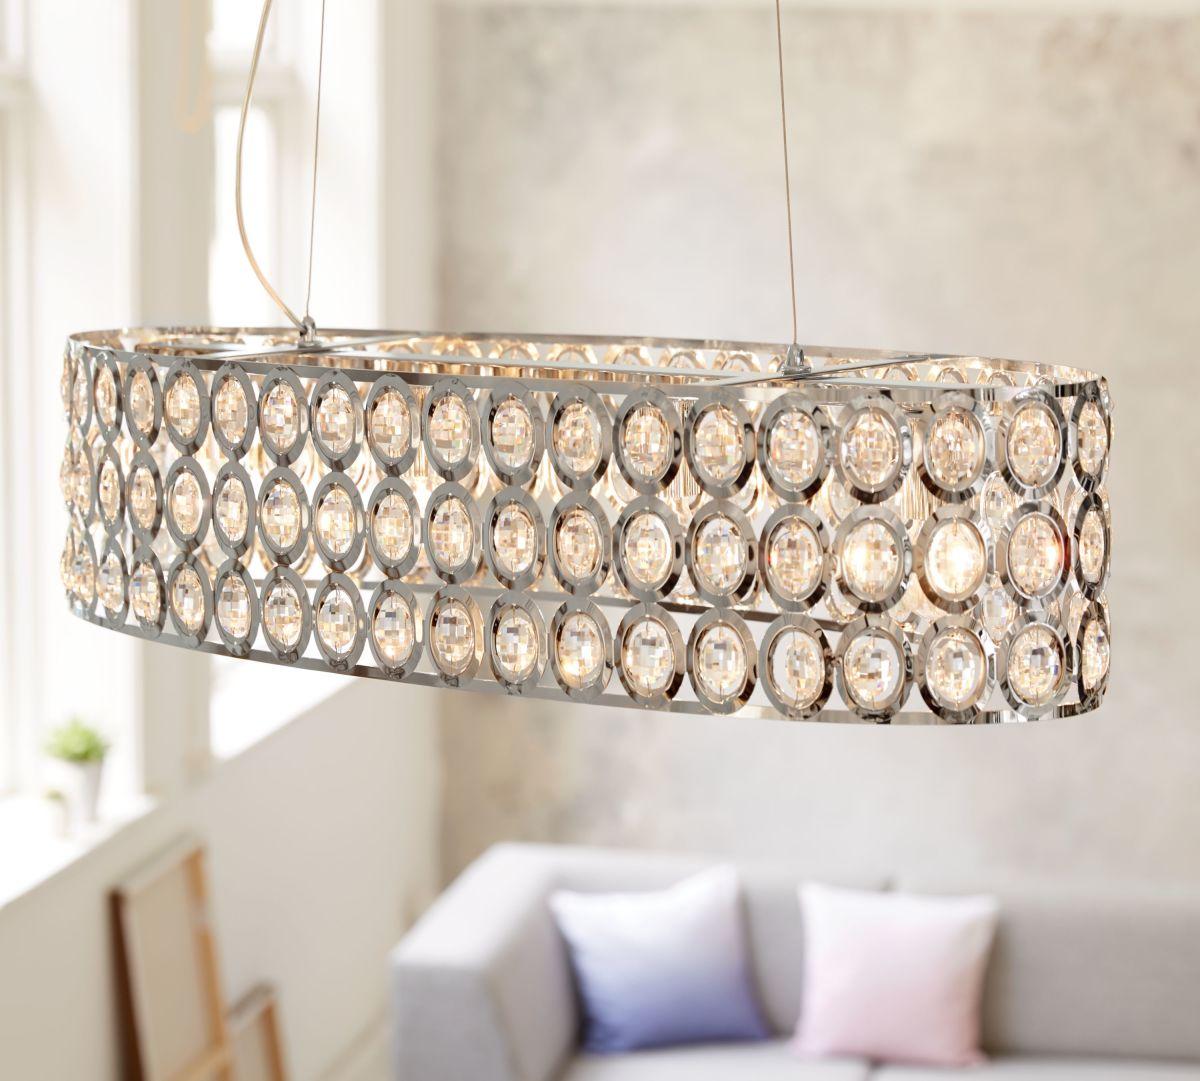 hngeleuchte esstisch design pendelleuchte my lovely home schon lampen haengeleuchte esstisch design pendelleuchte